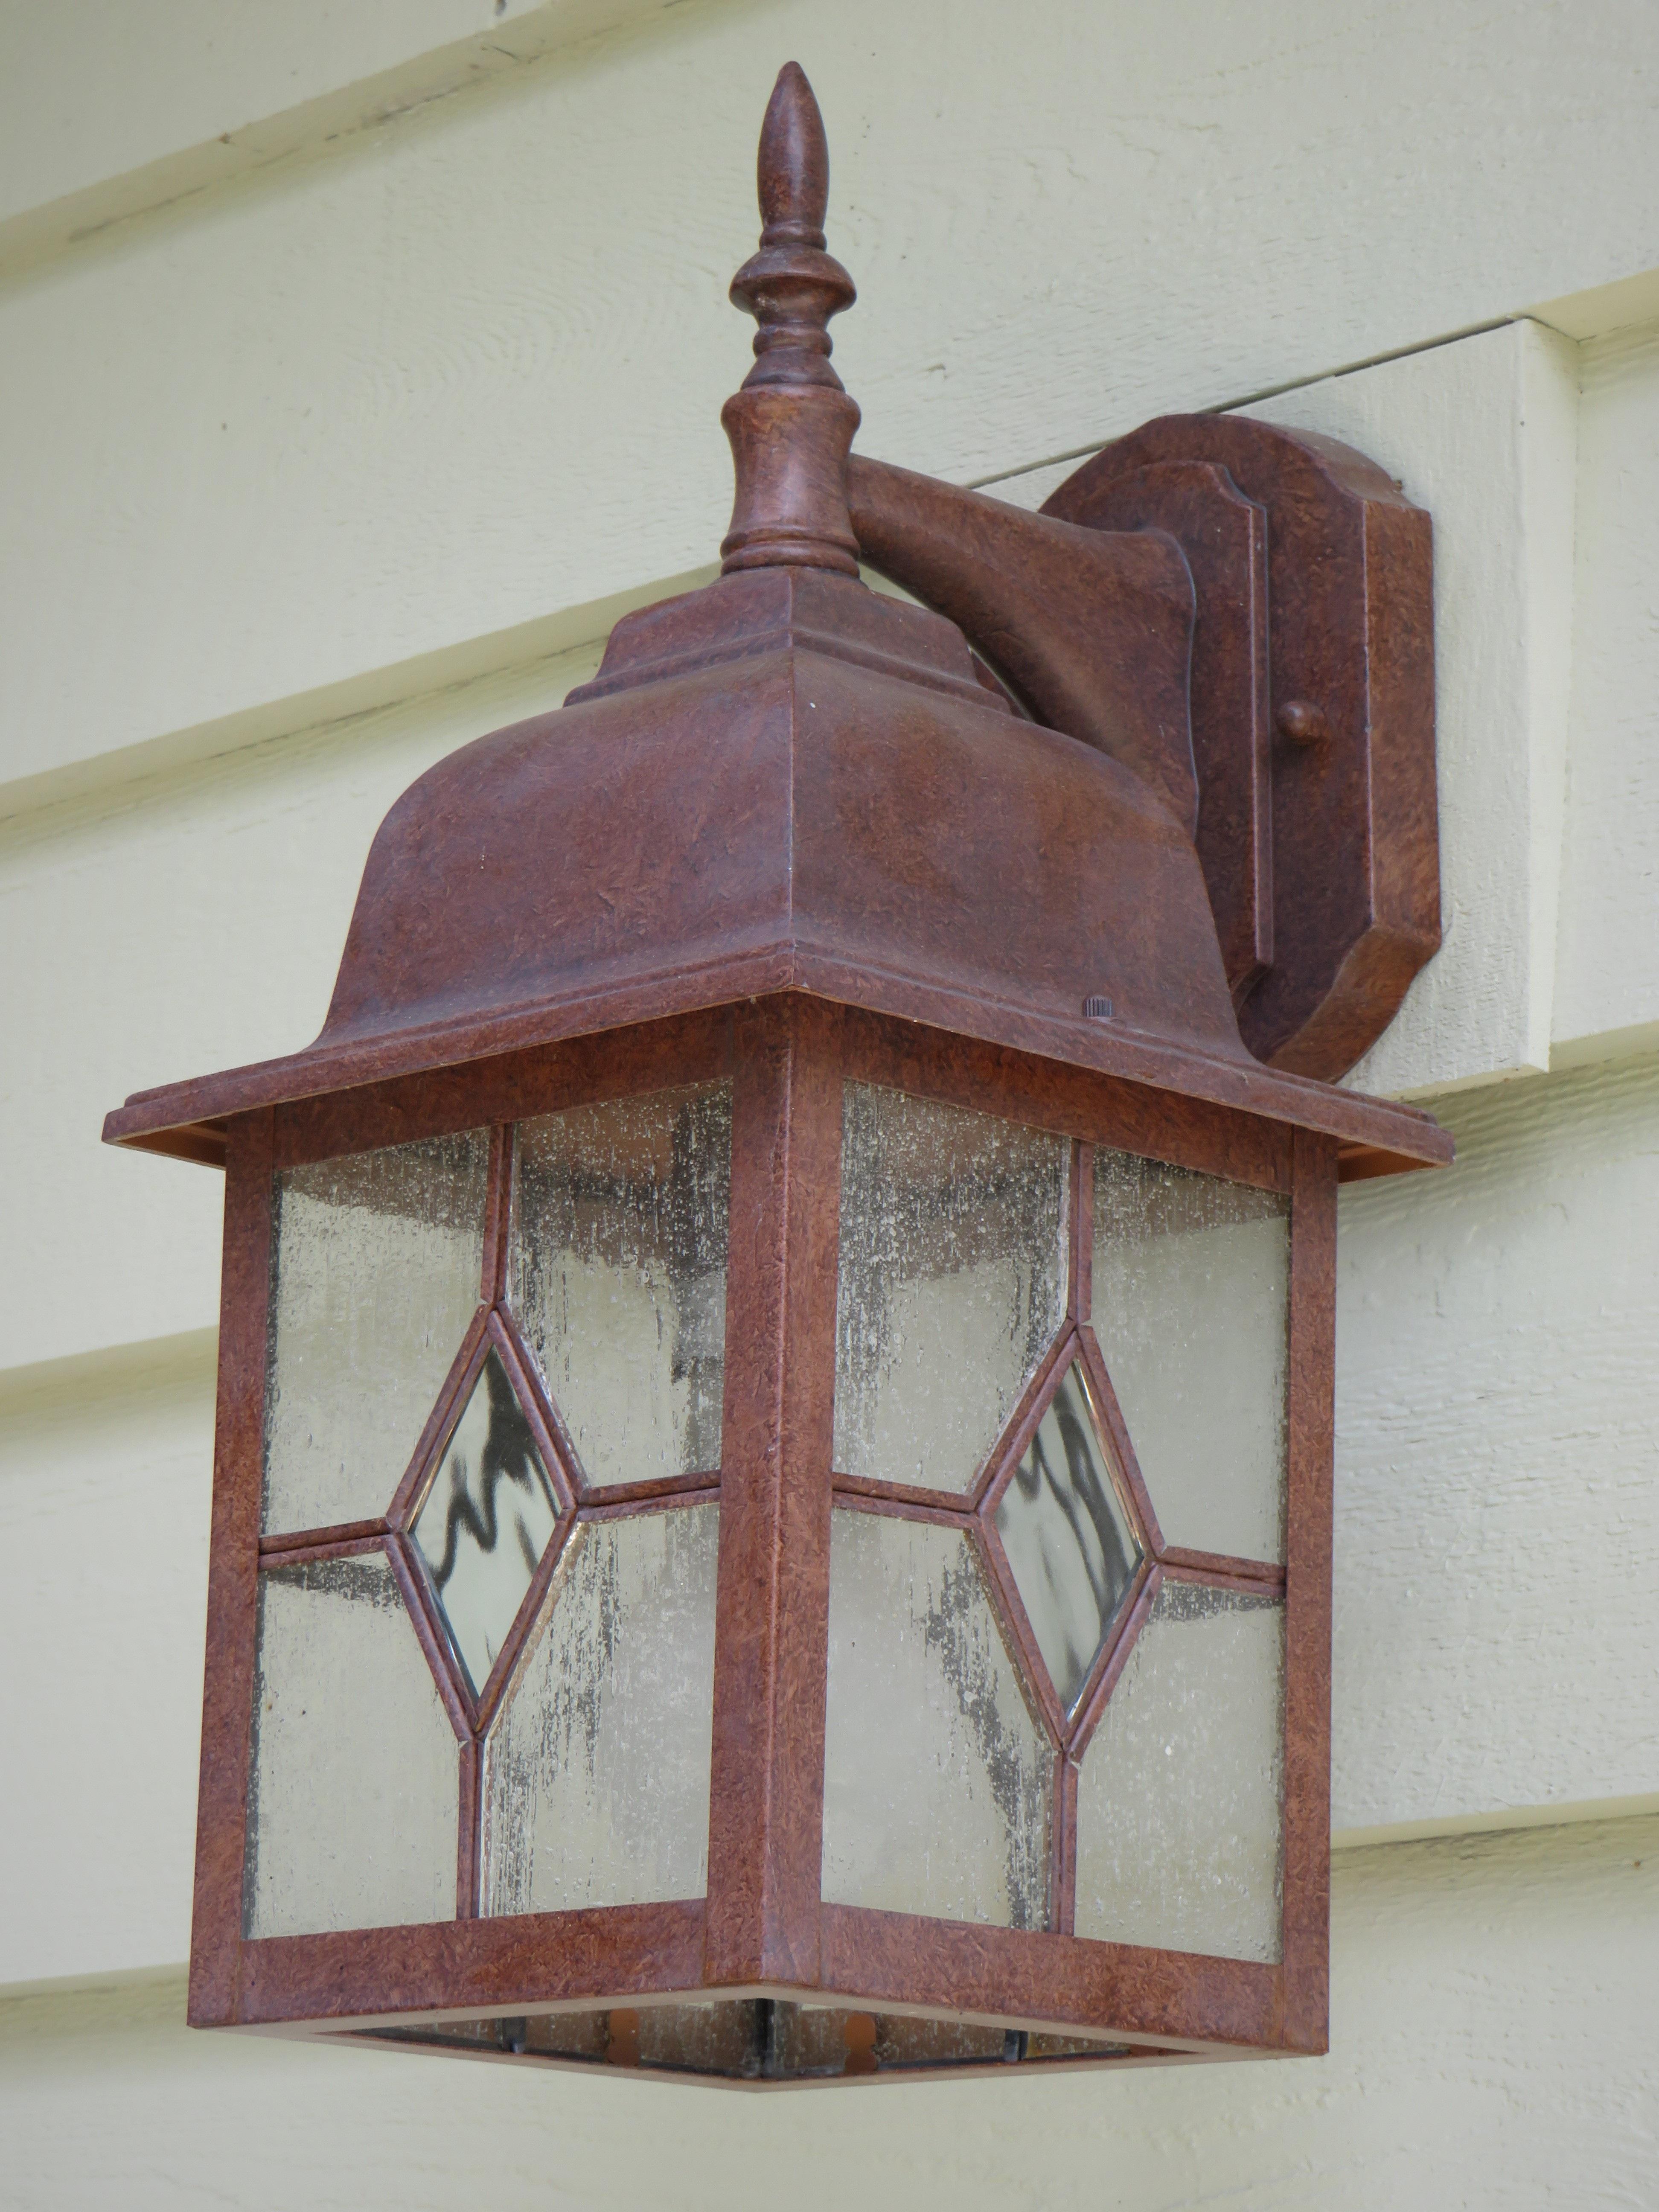 gratis afbeeldingen licht hout antiek venster glas elektrisch buitenkant woon. Black Bedroom Furniture Sets. Home Design Ideas